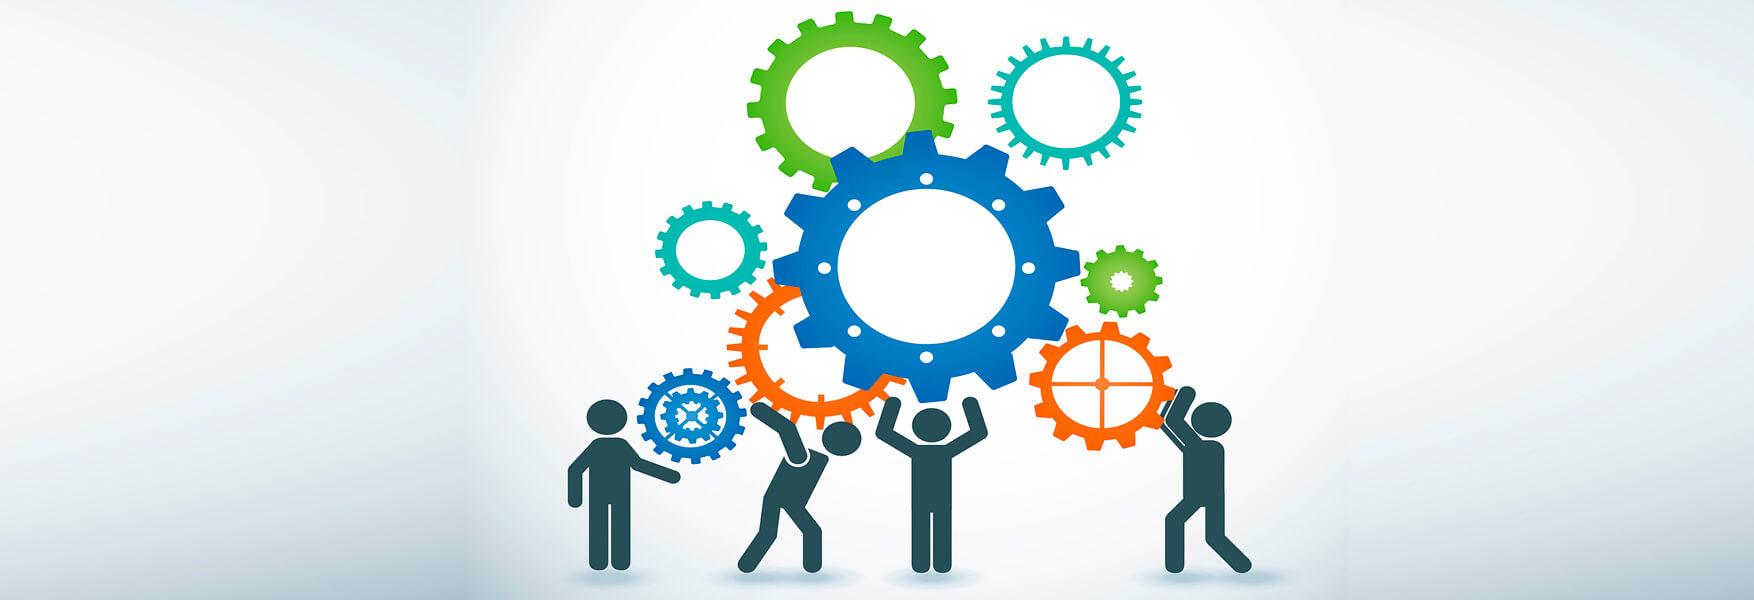 Gestión del conocimiento como ventaja competitiva en una empresa